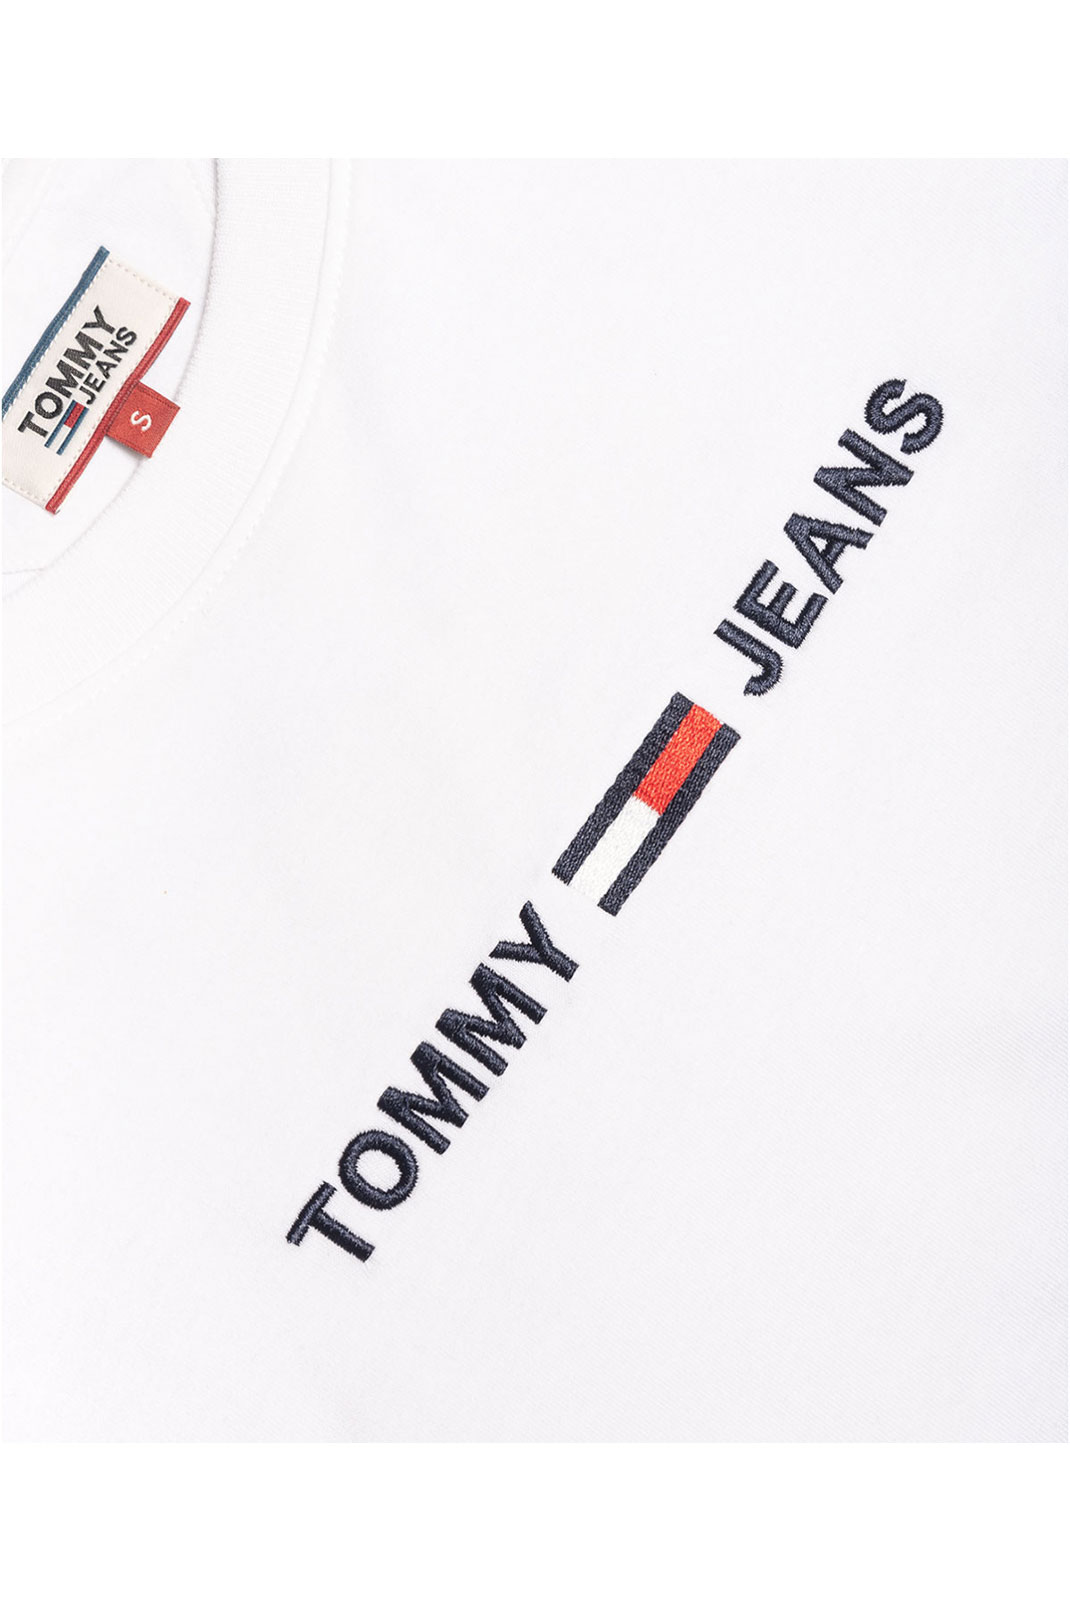 Tee shirt  Tommy Jeans DW0DW08062 MODERN YBR WHITE